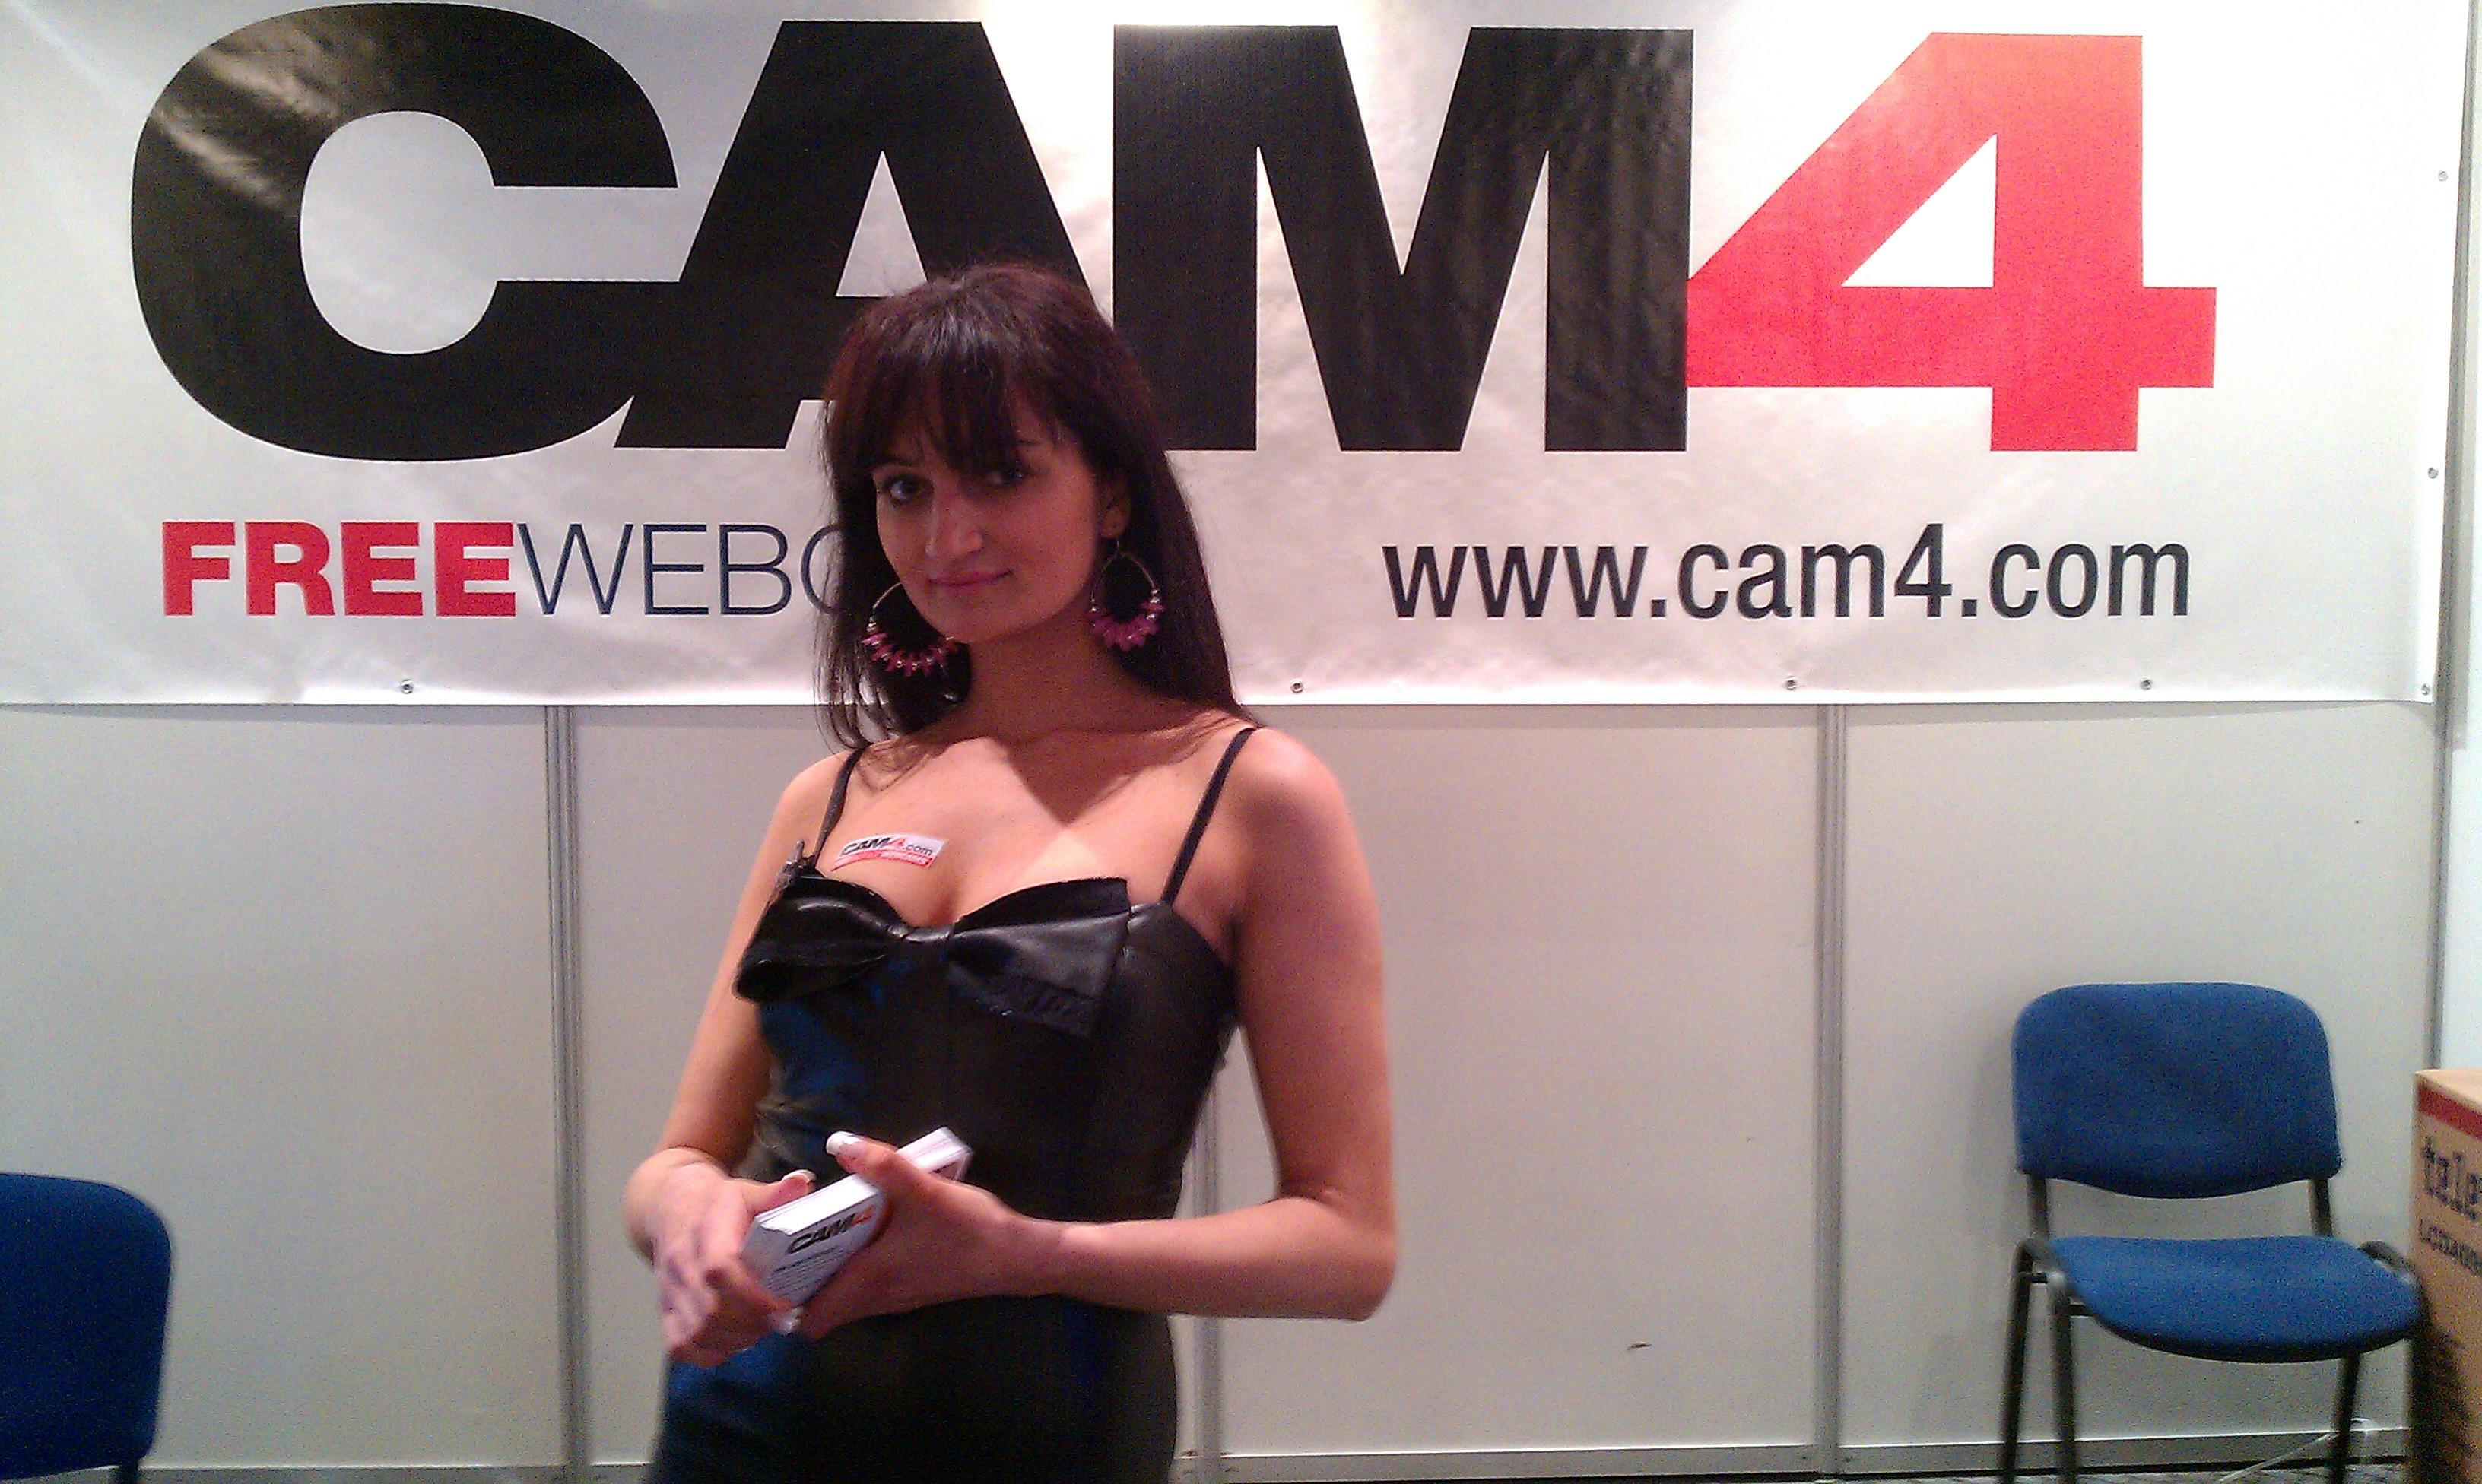 web cam amateur gratis chica cam4 en directo